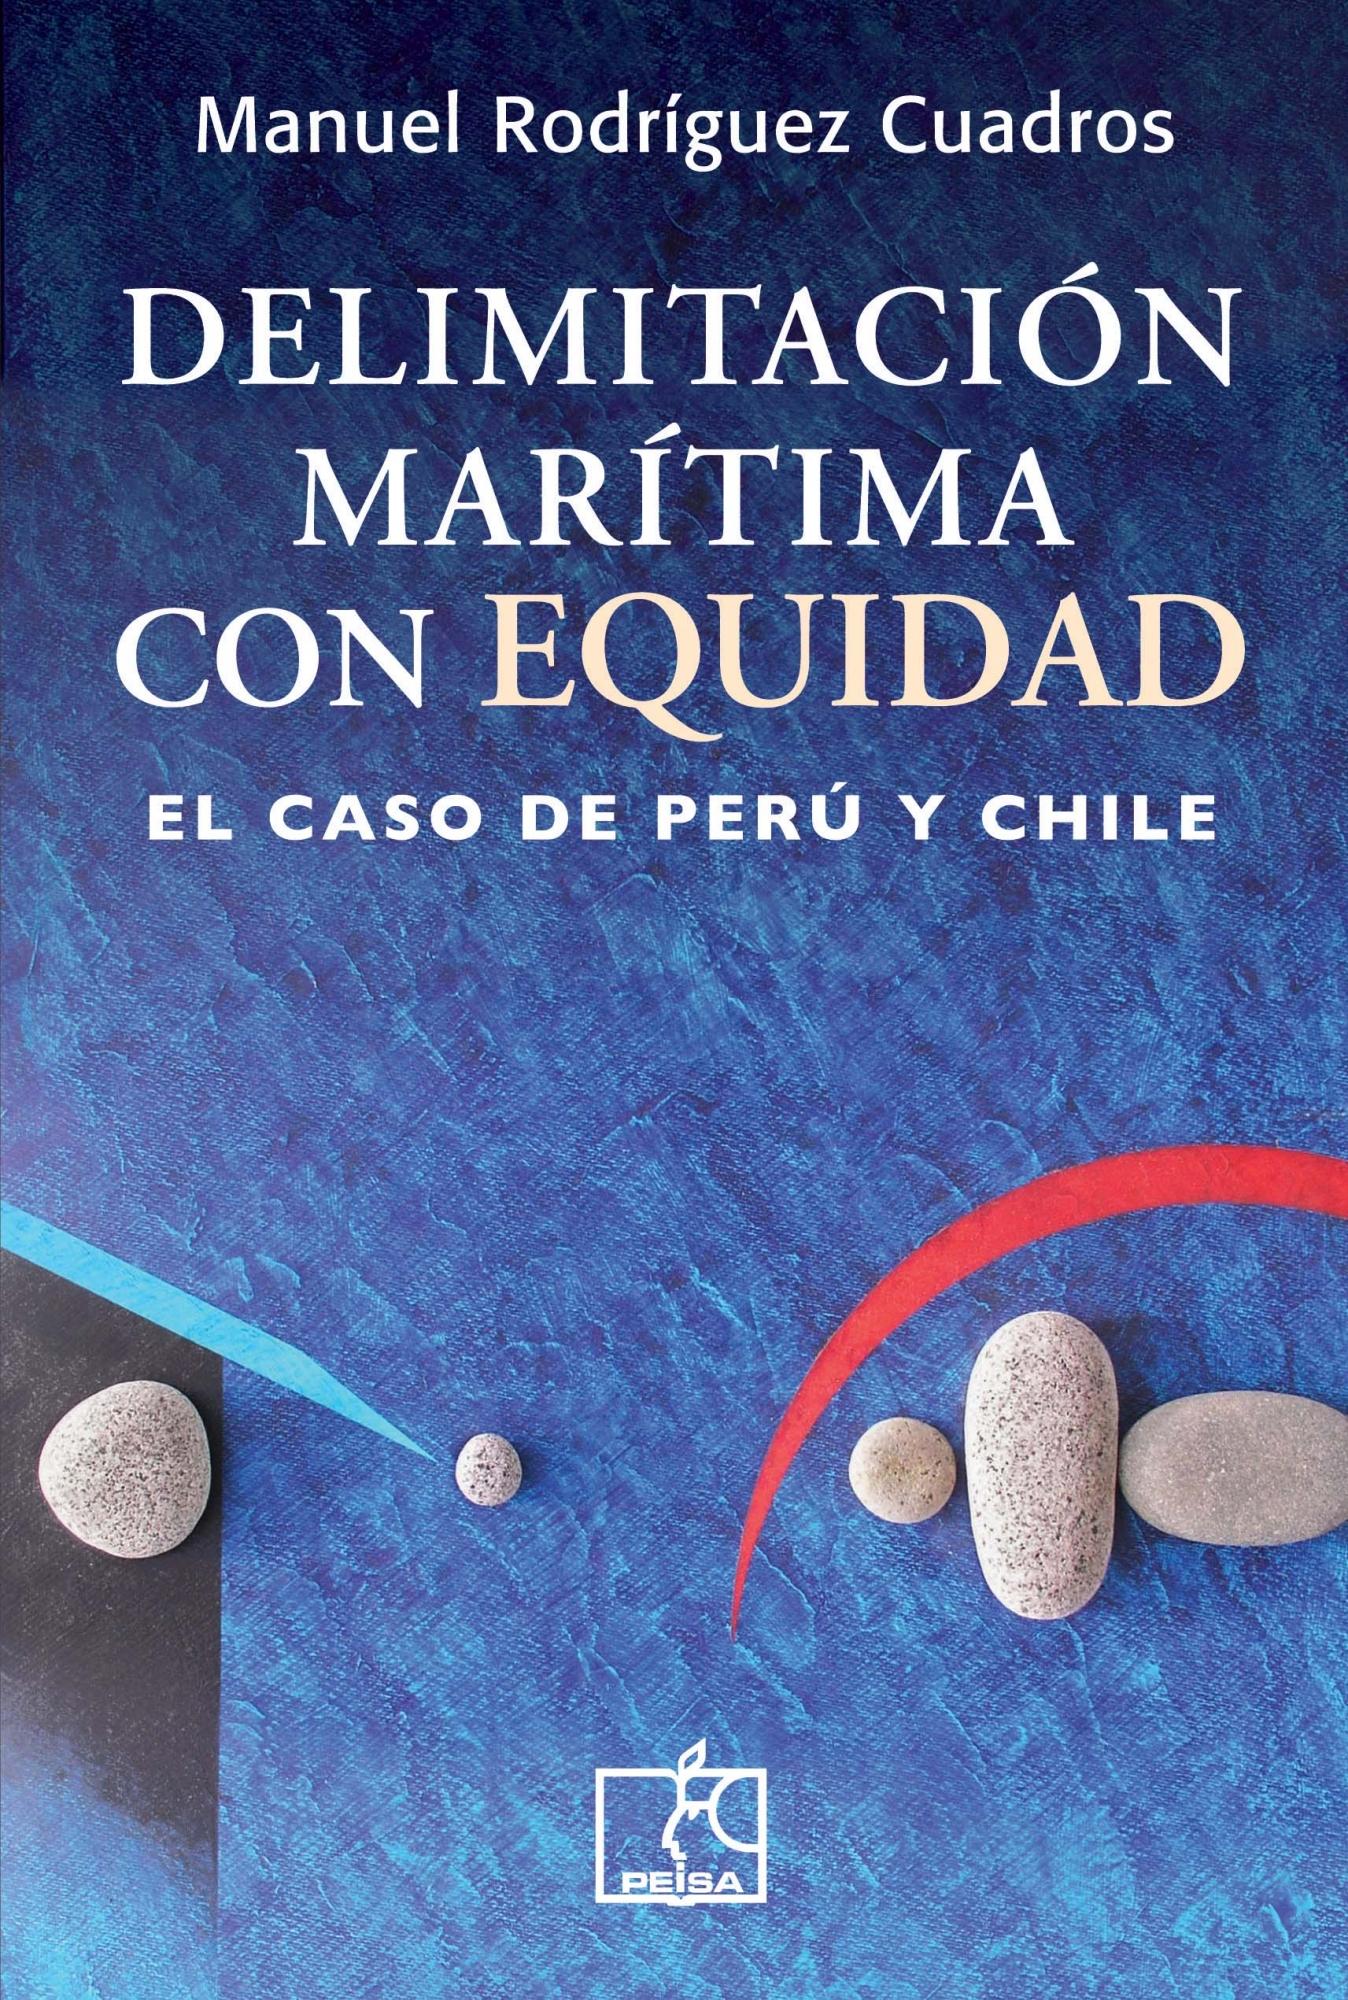 DELIMITACIÓN MARÍTIMA CON EQUIDAD. El caso de Perú y Chile